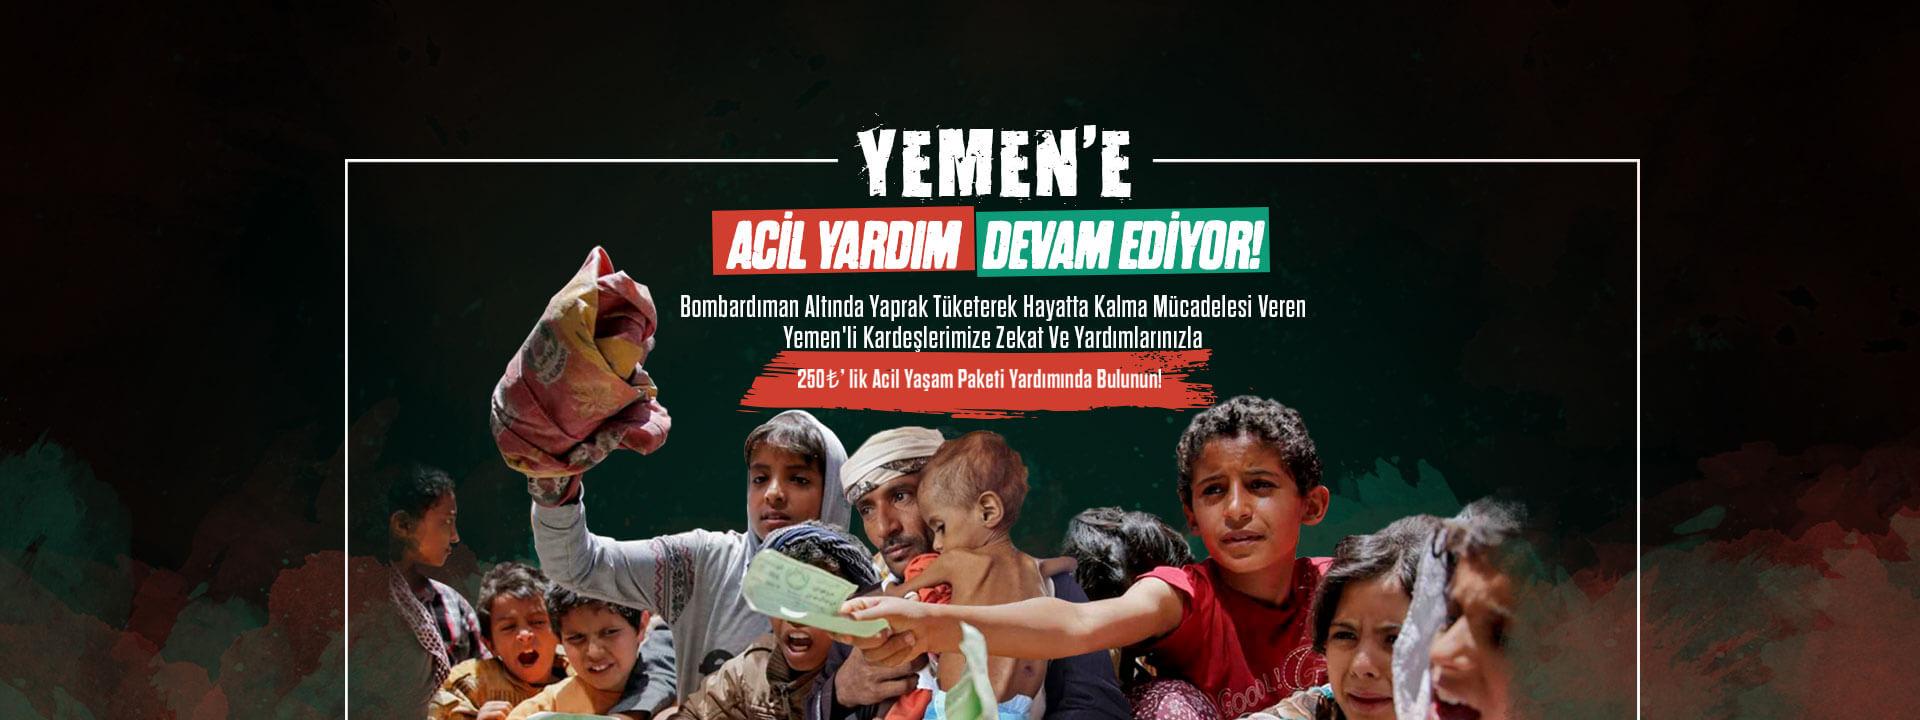 yemen-acil-yardim-bekliyor-20.jpg